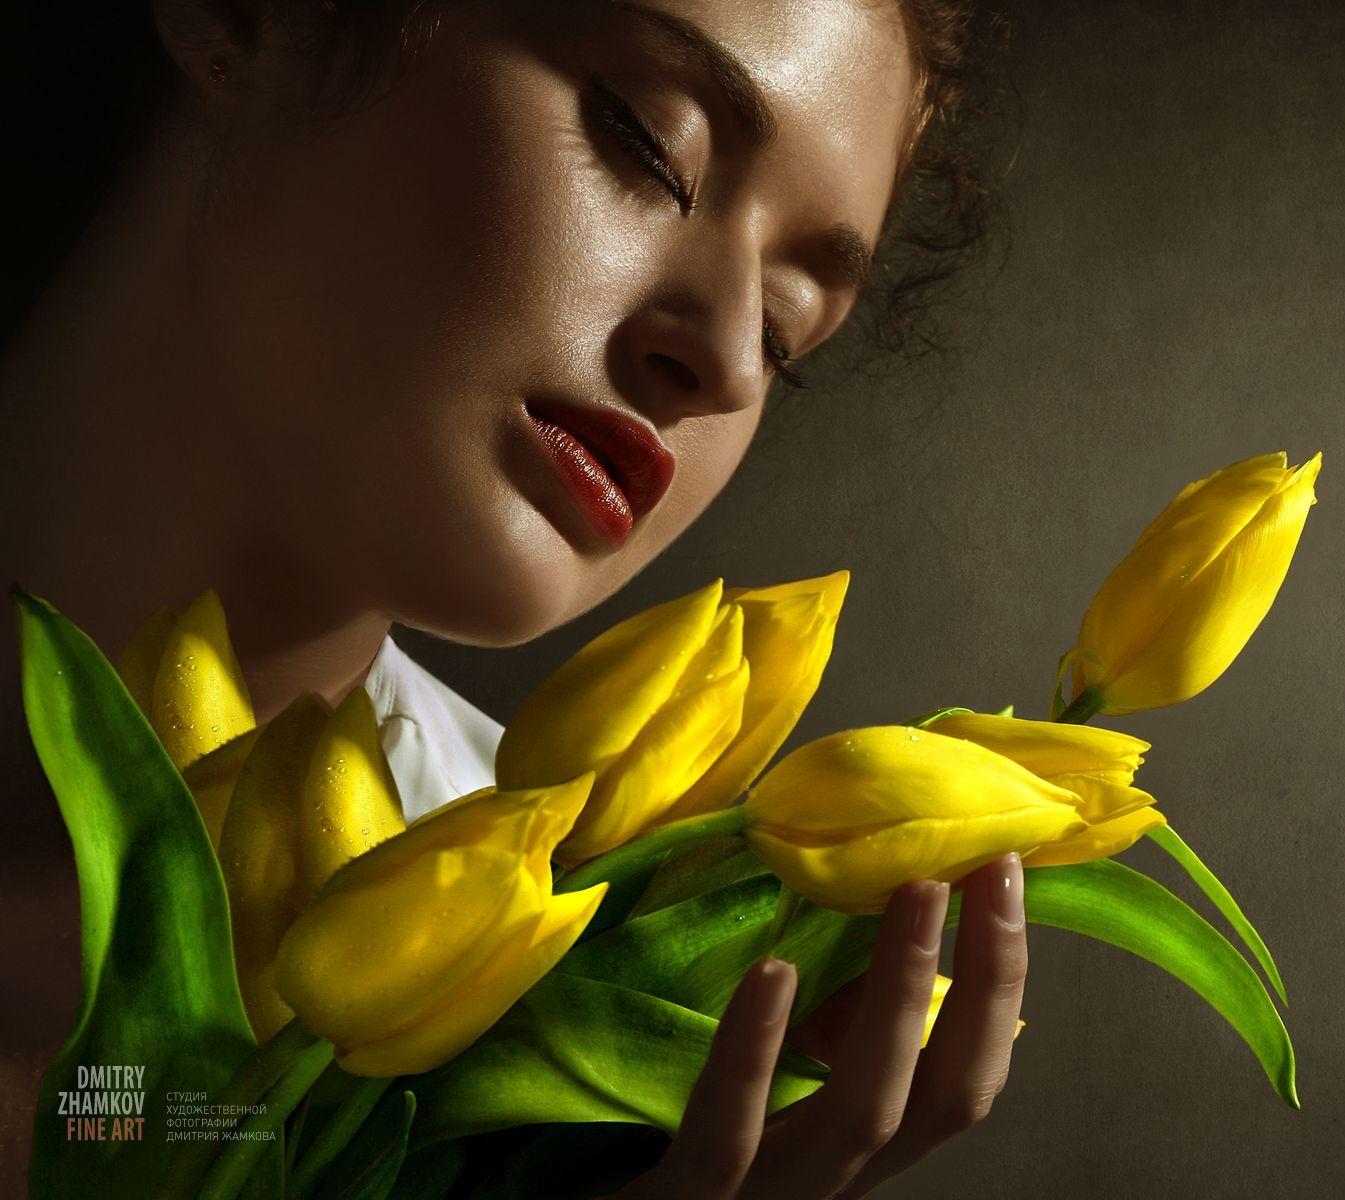 Фото девушки с жёлтой розой